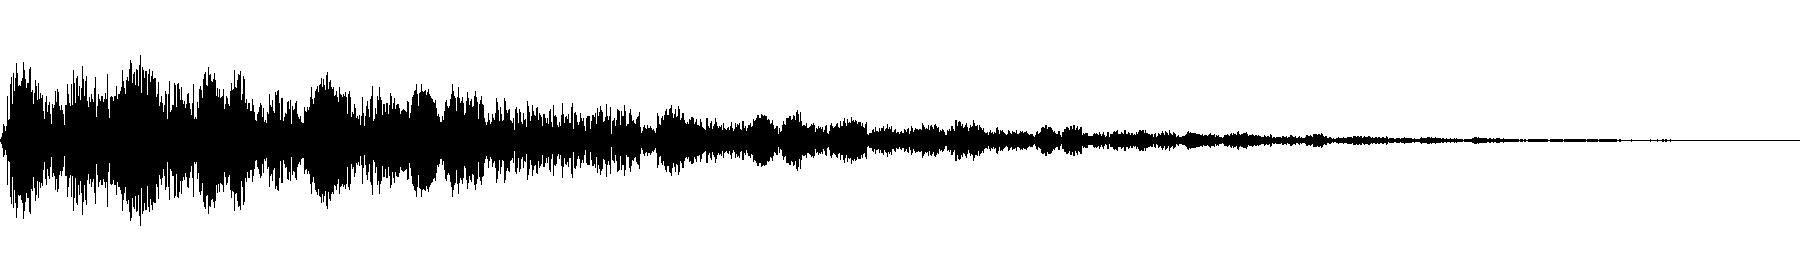 vfx1 atmos 61